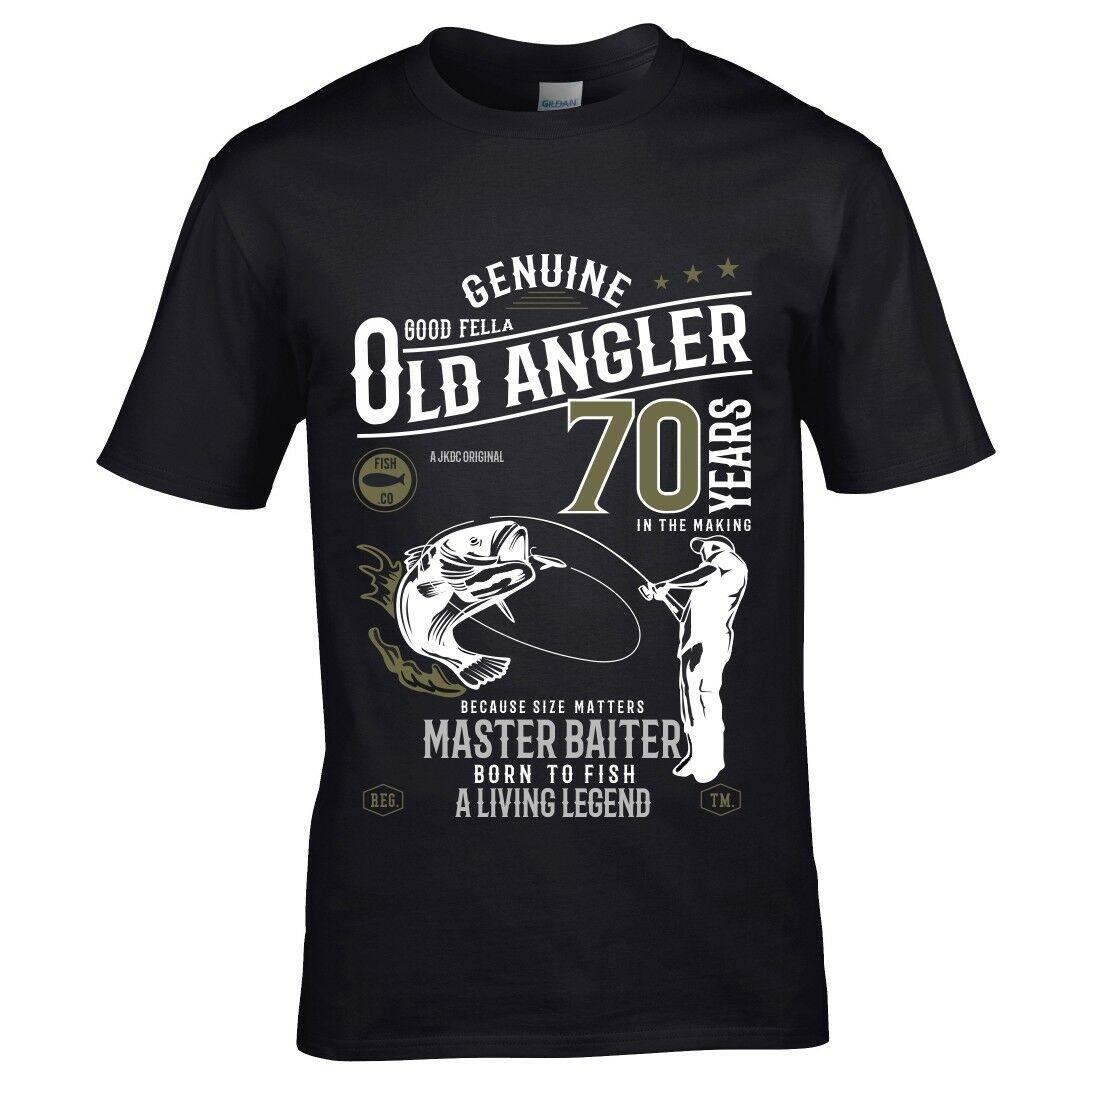 Забавная Мужская футболка с рыбаком 70 лет, рыбаком, рыбаком, топ, подарок на день рождения, модные новые футболки, новинка, топы с круглым выр...